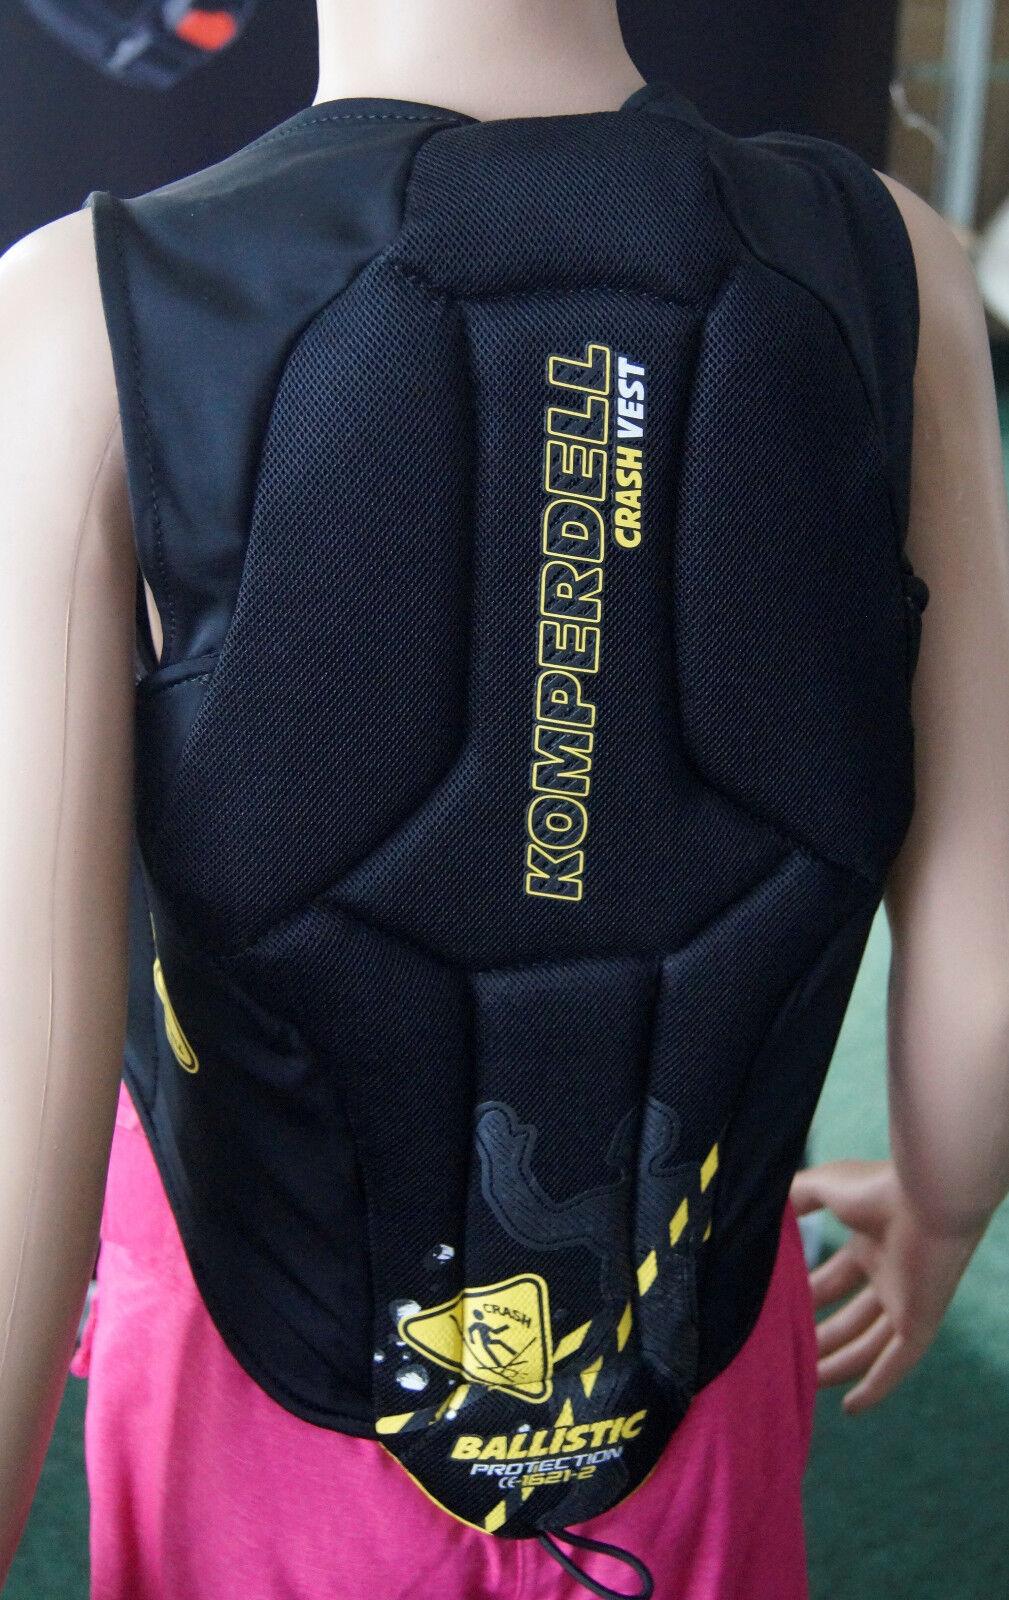 50%rotUZIERT Kinder Rückenprotektor Crash Weste Ski Snowboard 360 Grad Schutz